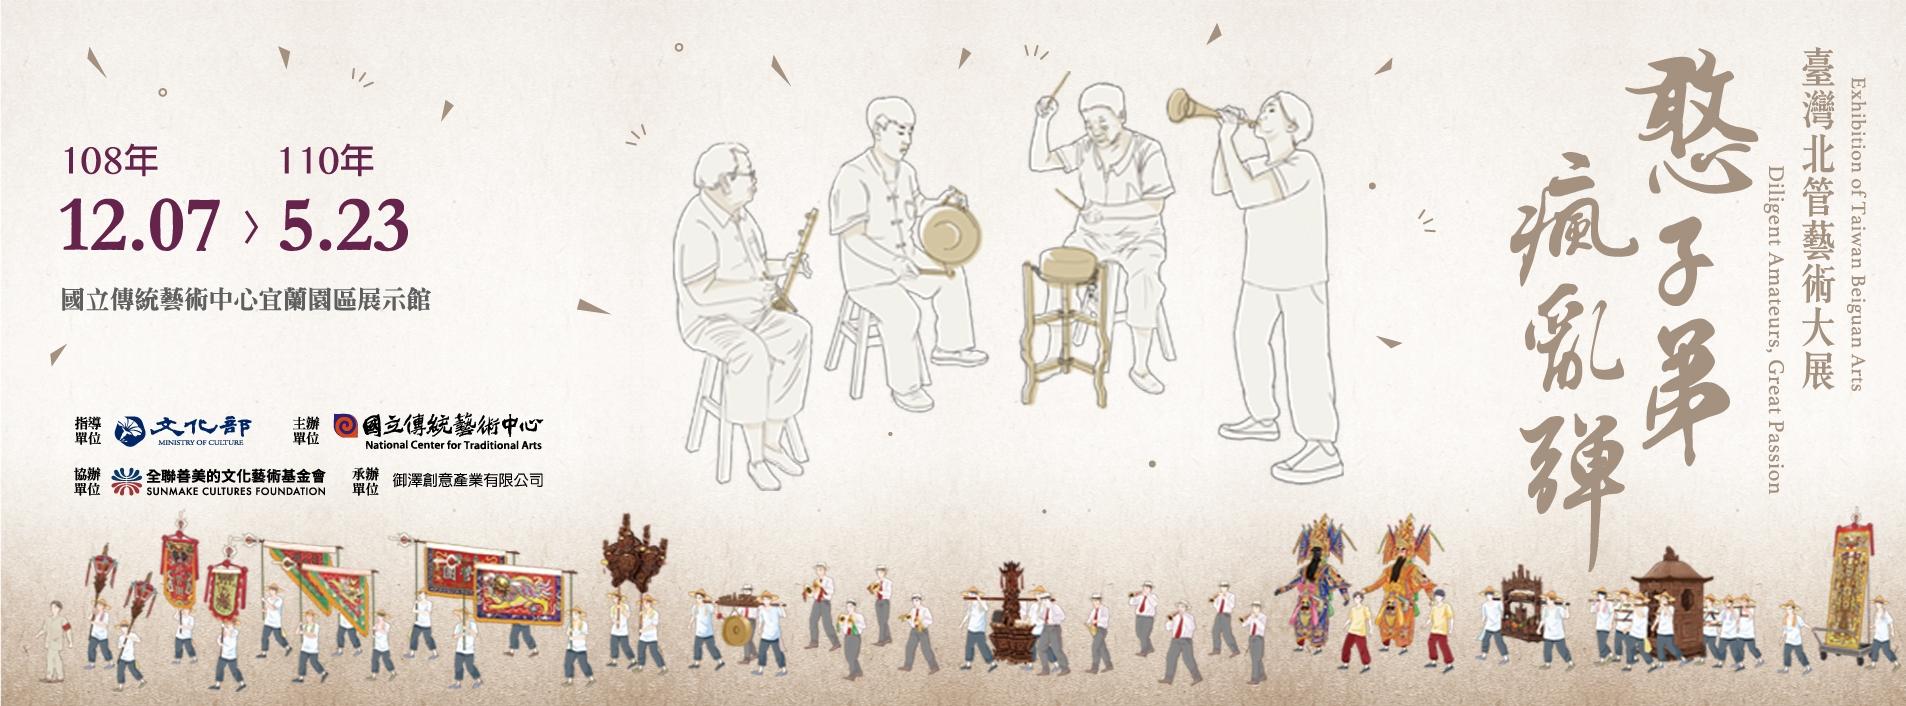 「バッドボーイズ」クレイジーボムアート展「新しいウィンドウを開く」